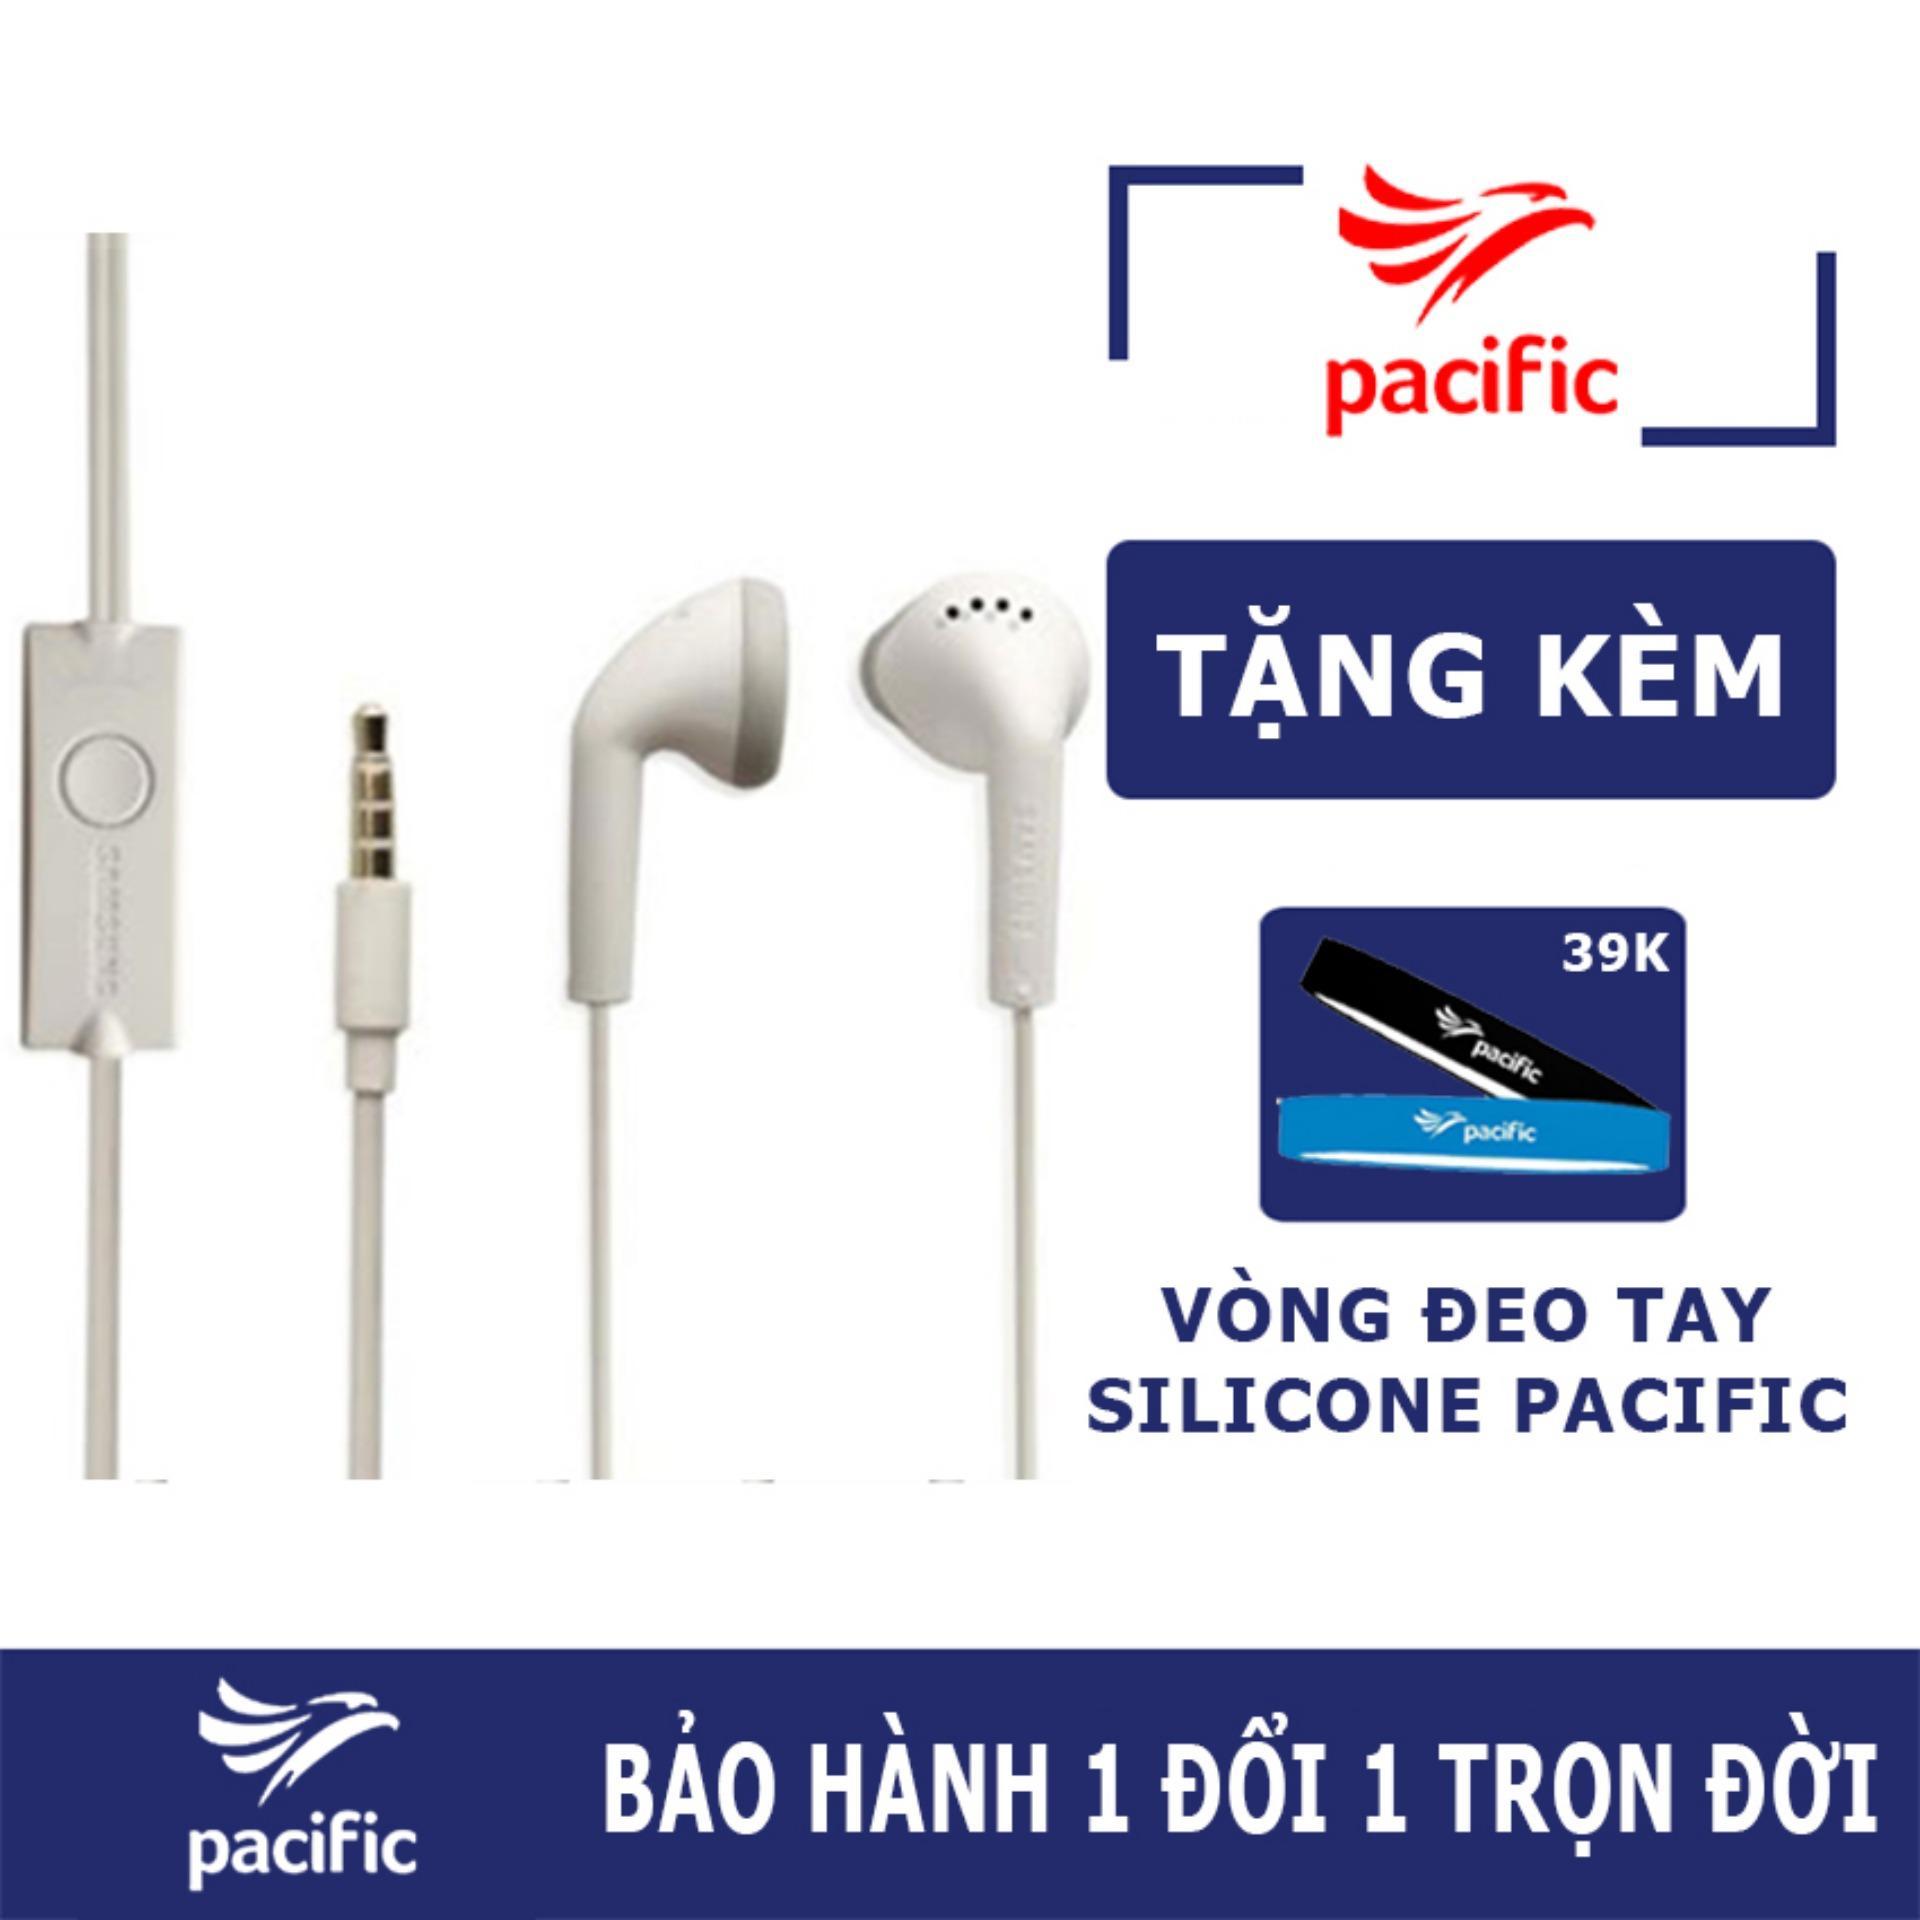 Tai nghe nhét tai Galaxy J7 Pro Zin (Trắng) - Tặng Vòng đeo tay Silicone Pacific